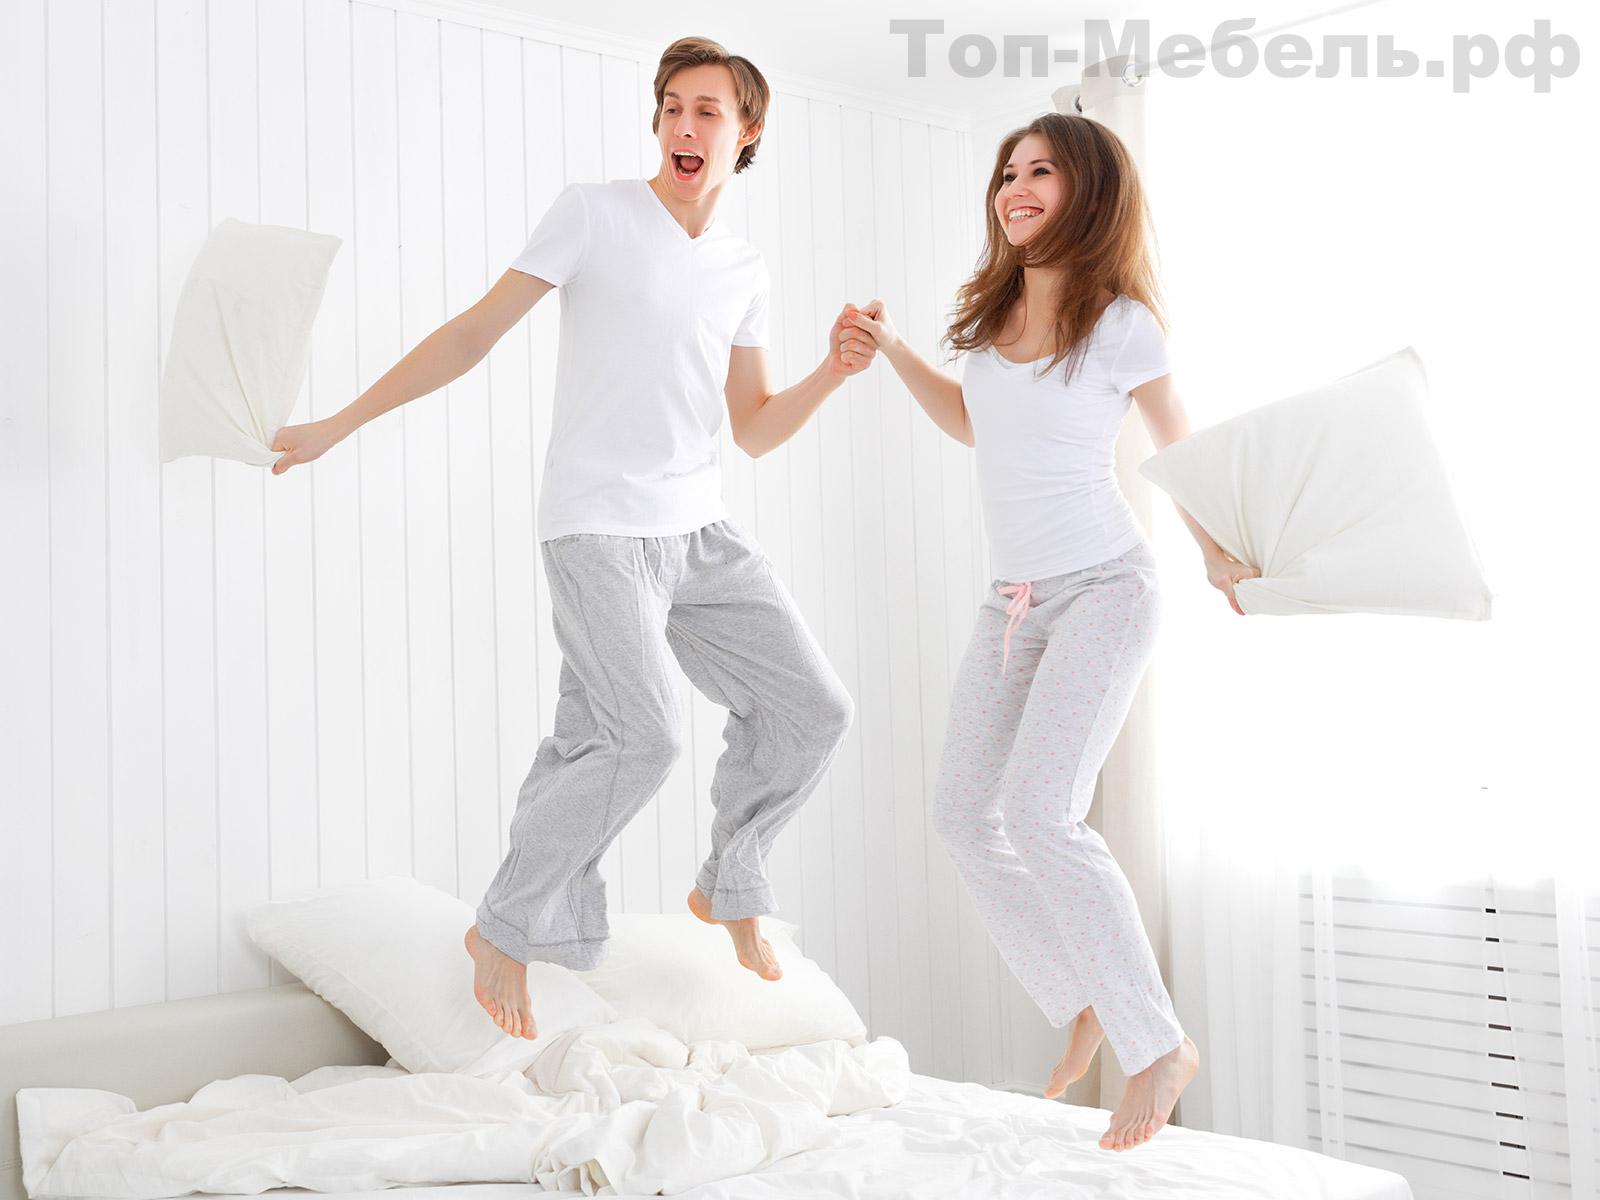 Юноша и девушка прыгают на кровати